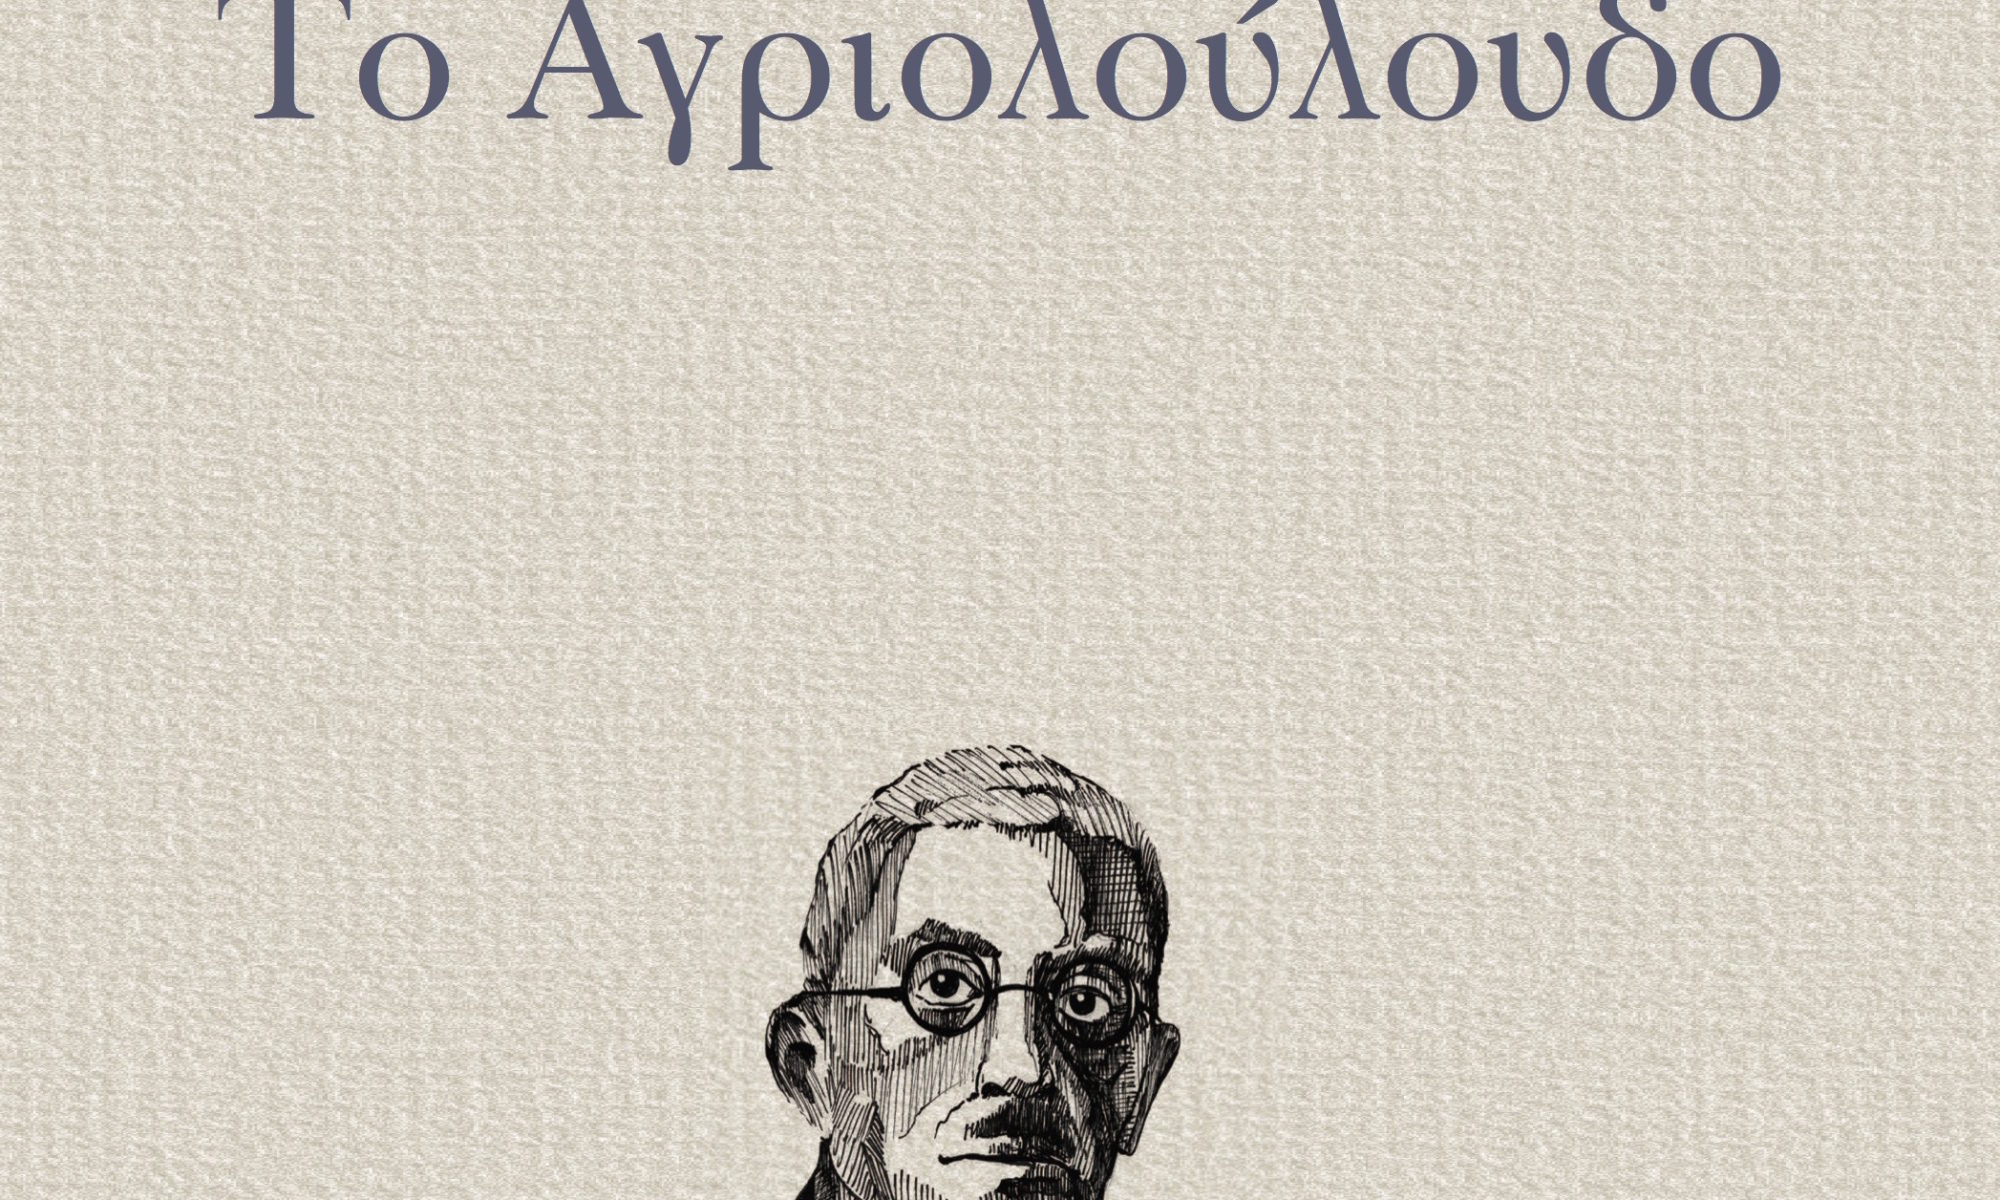 ΑΓΡΙΟΛΟΥΛΟΥΔΟ